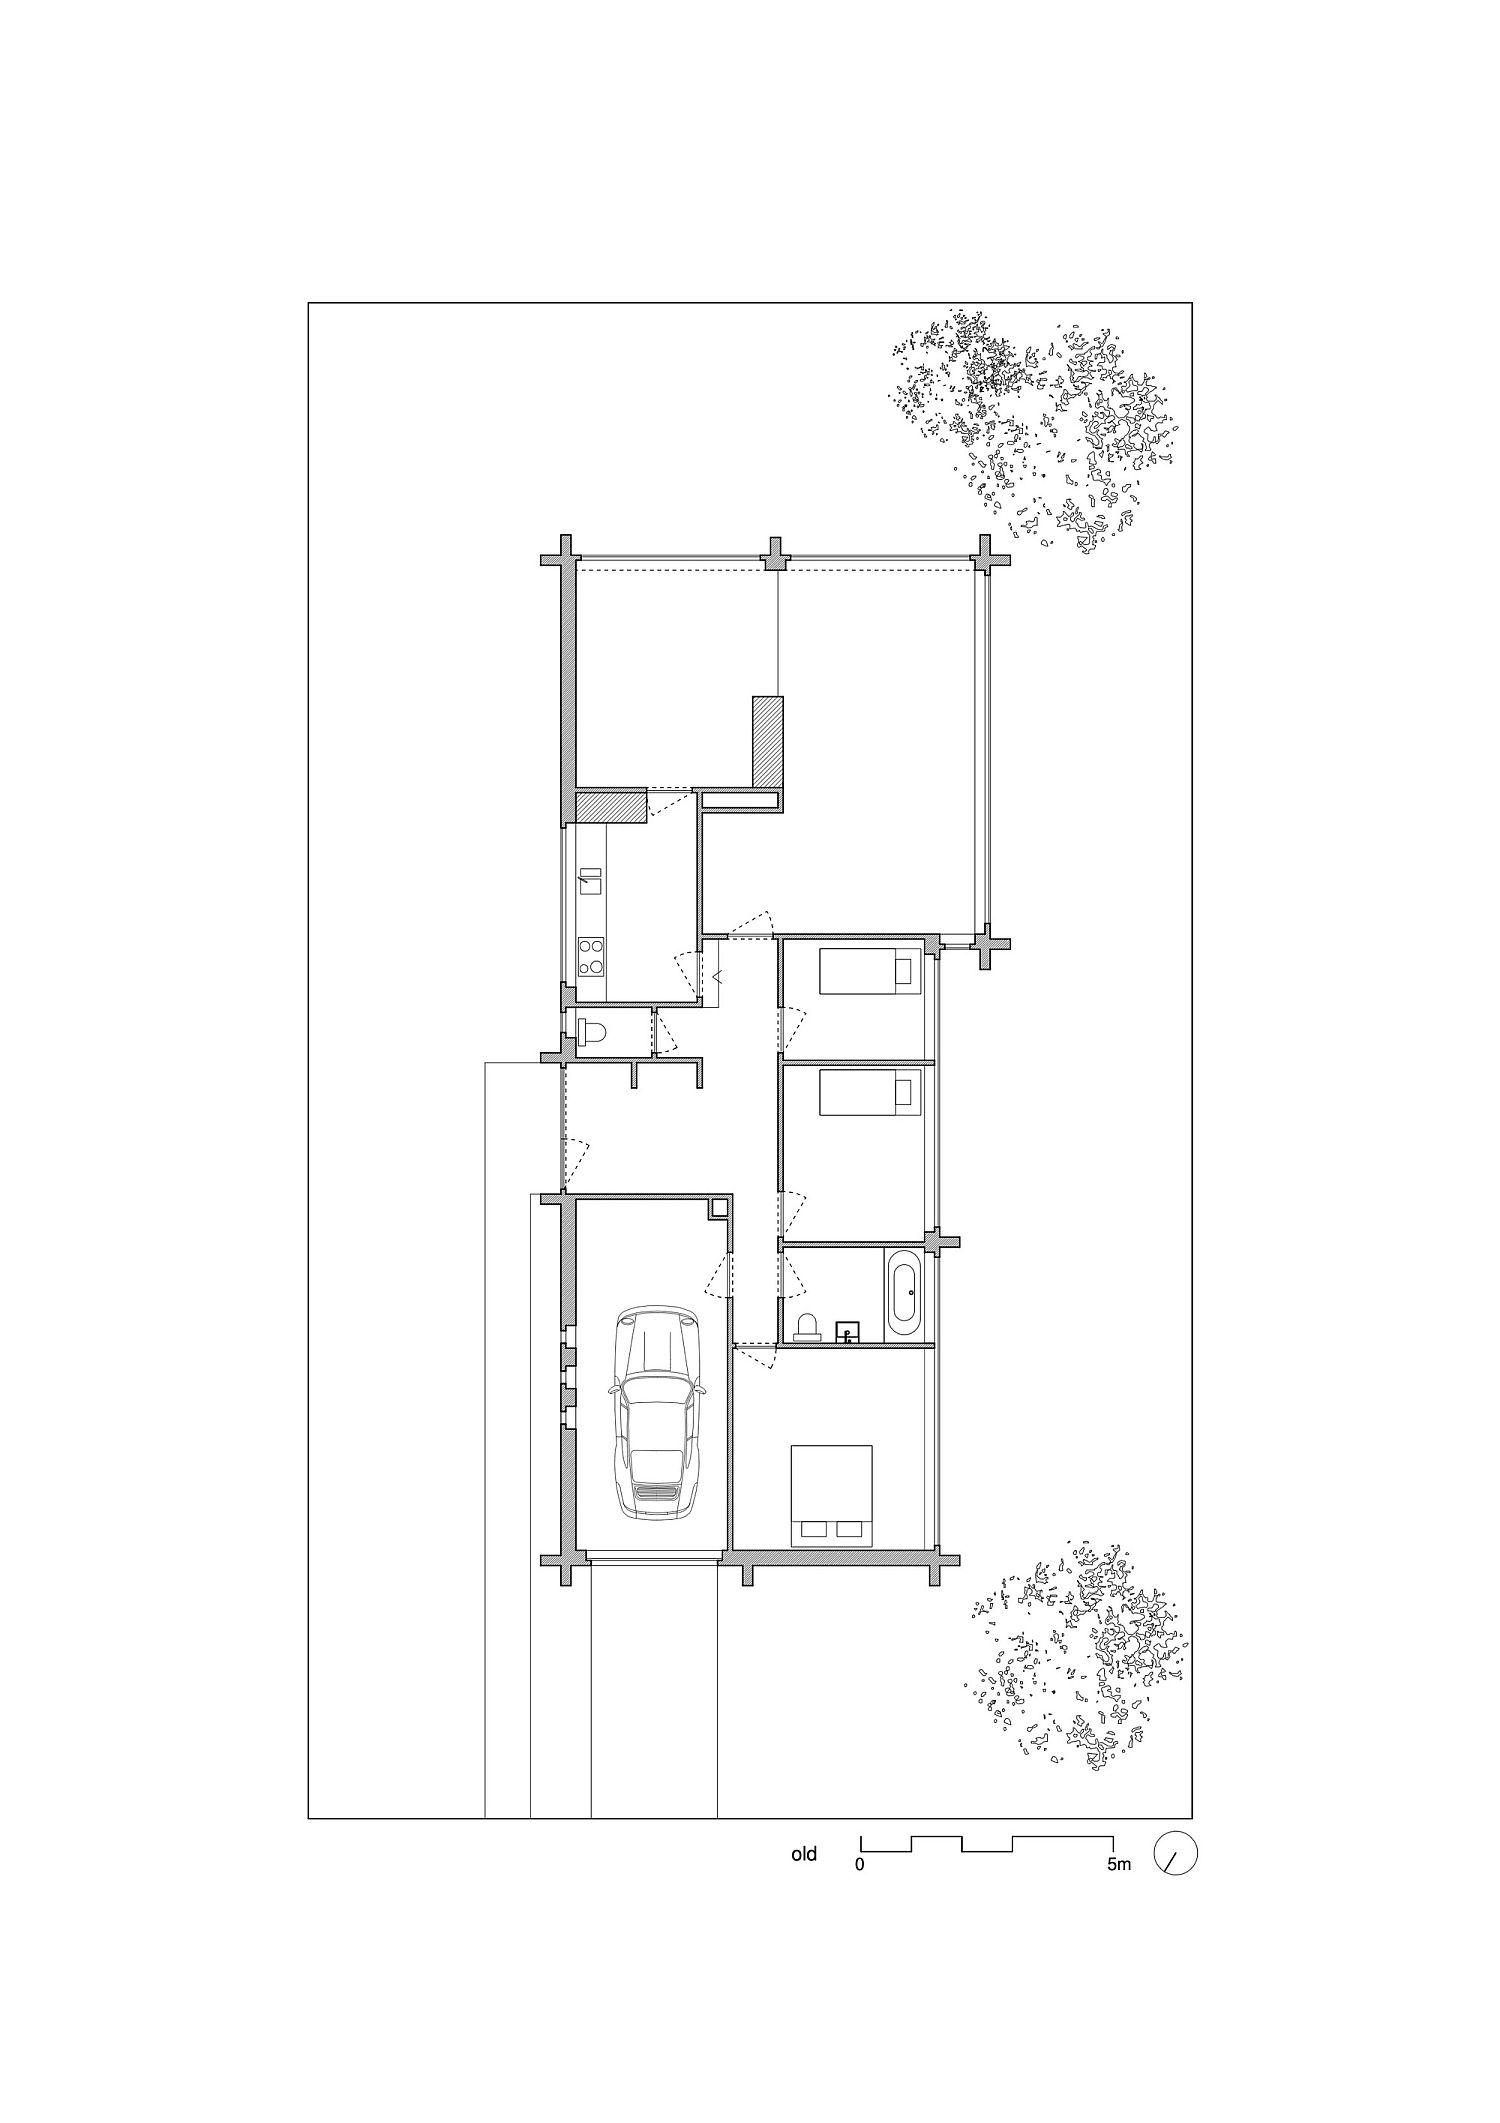 Floor plan of renovated Abdel & Marijke House in Belgium